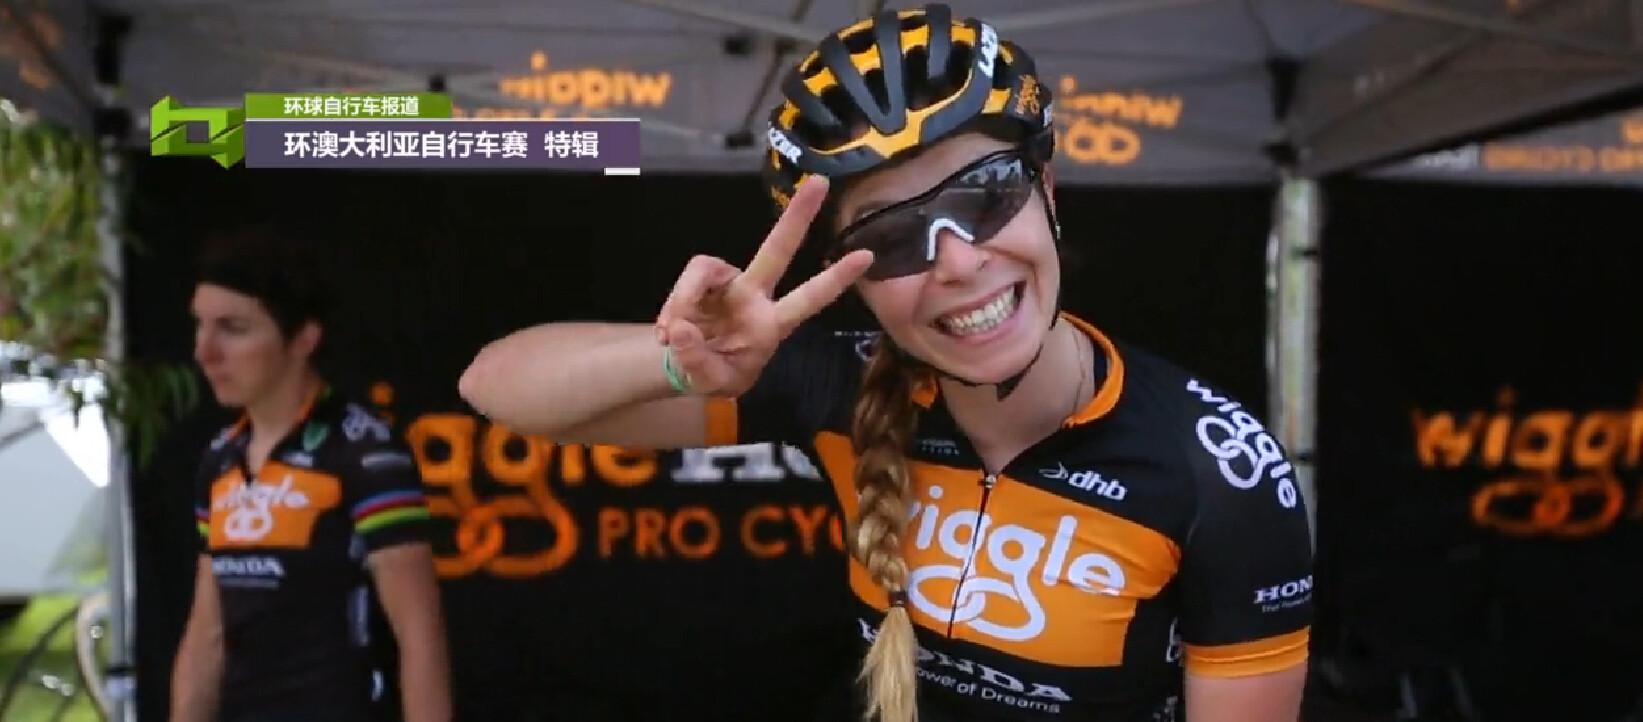 2015环澳大利亚自行车赛专题:女子环澳